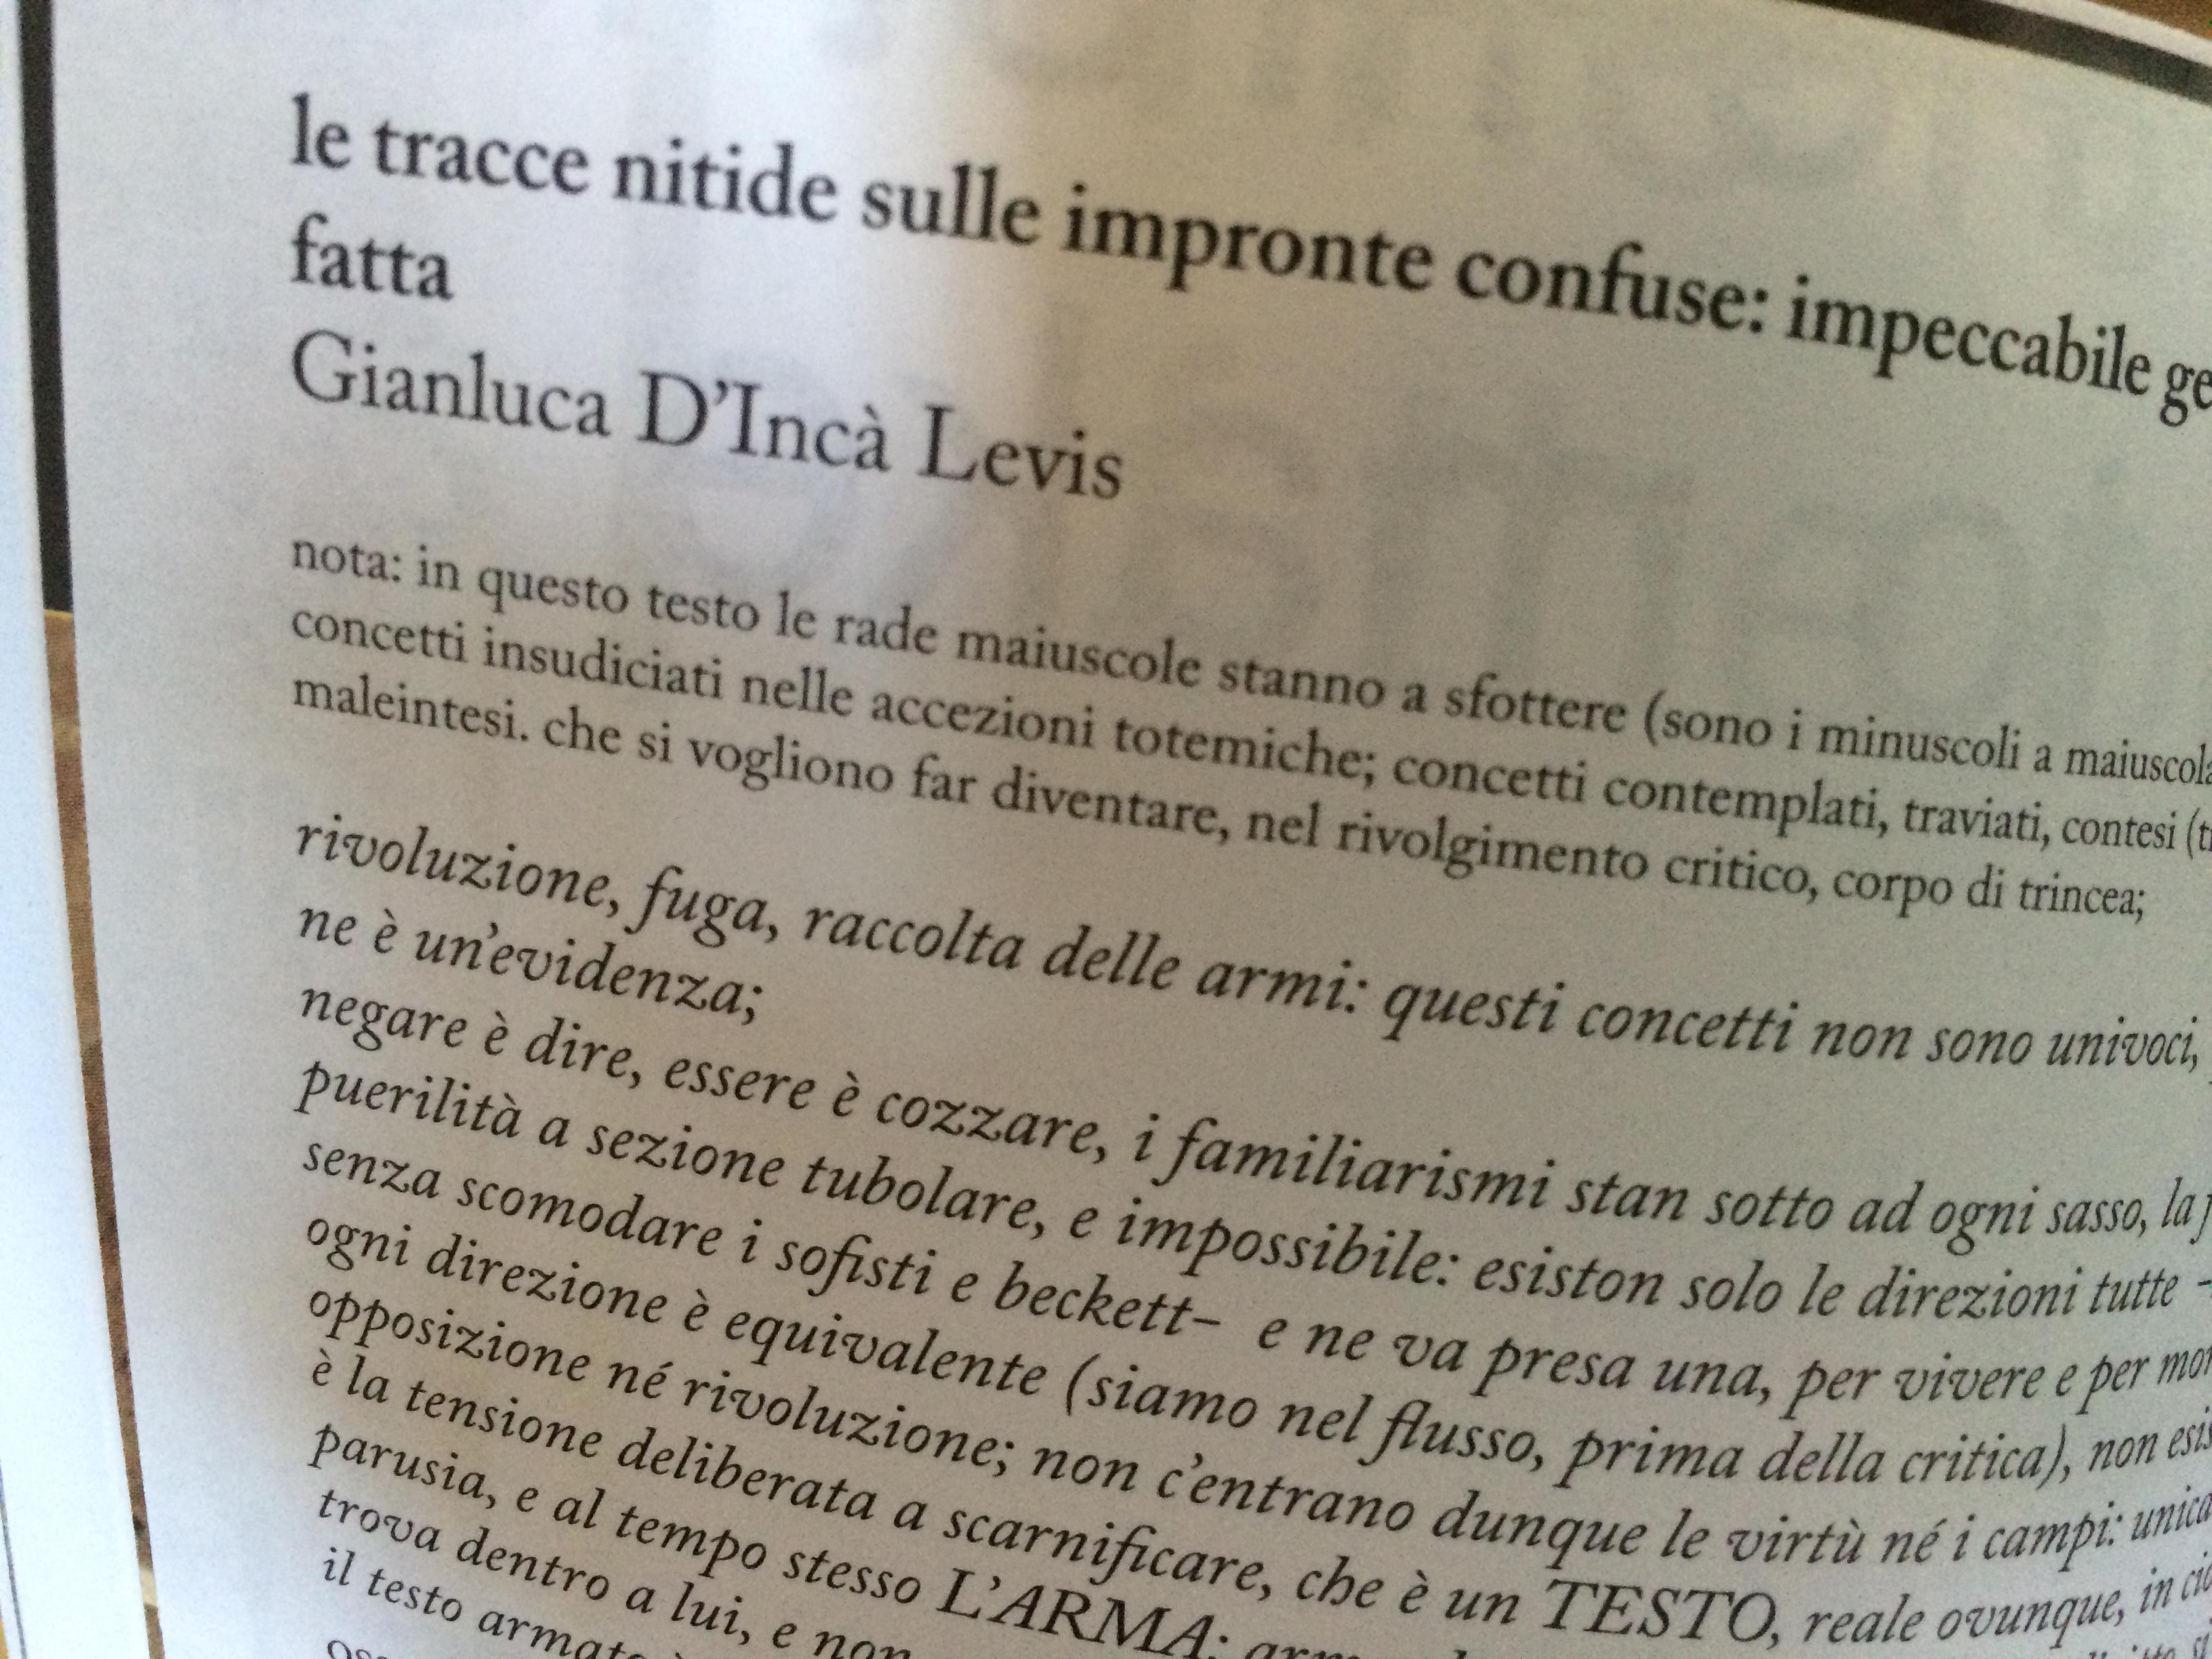 Gianluca D'Incà Levis - le tracce nitide sulle impronte confuse: impeccabile geometria della fatta